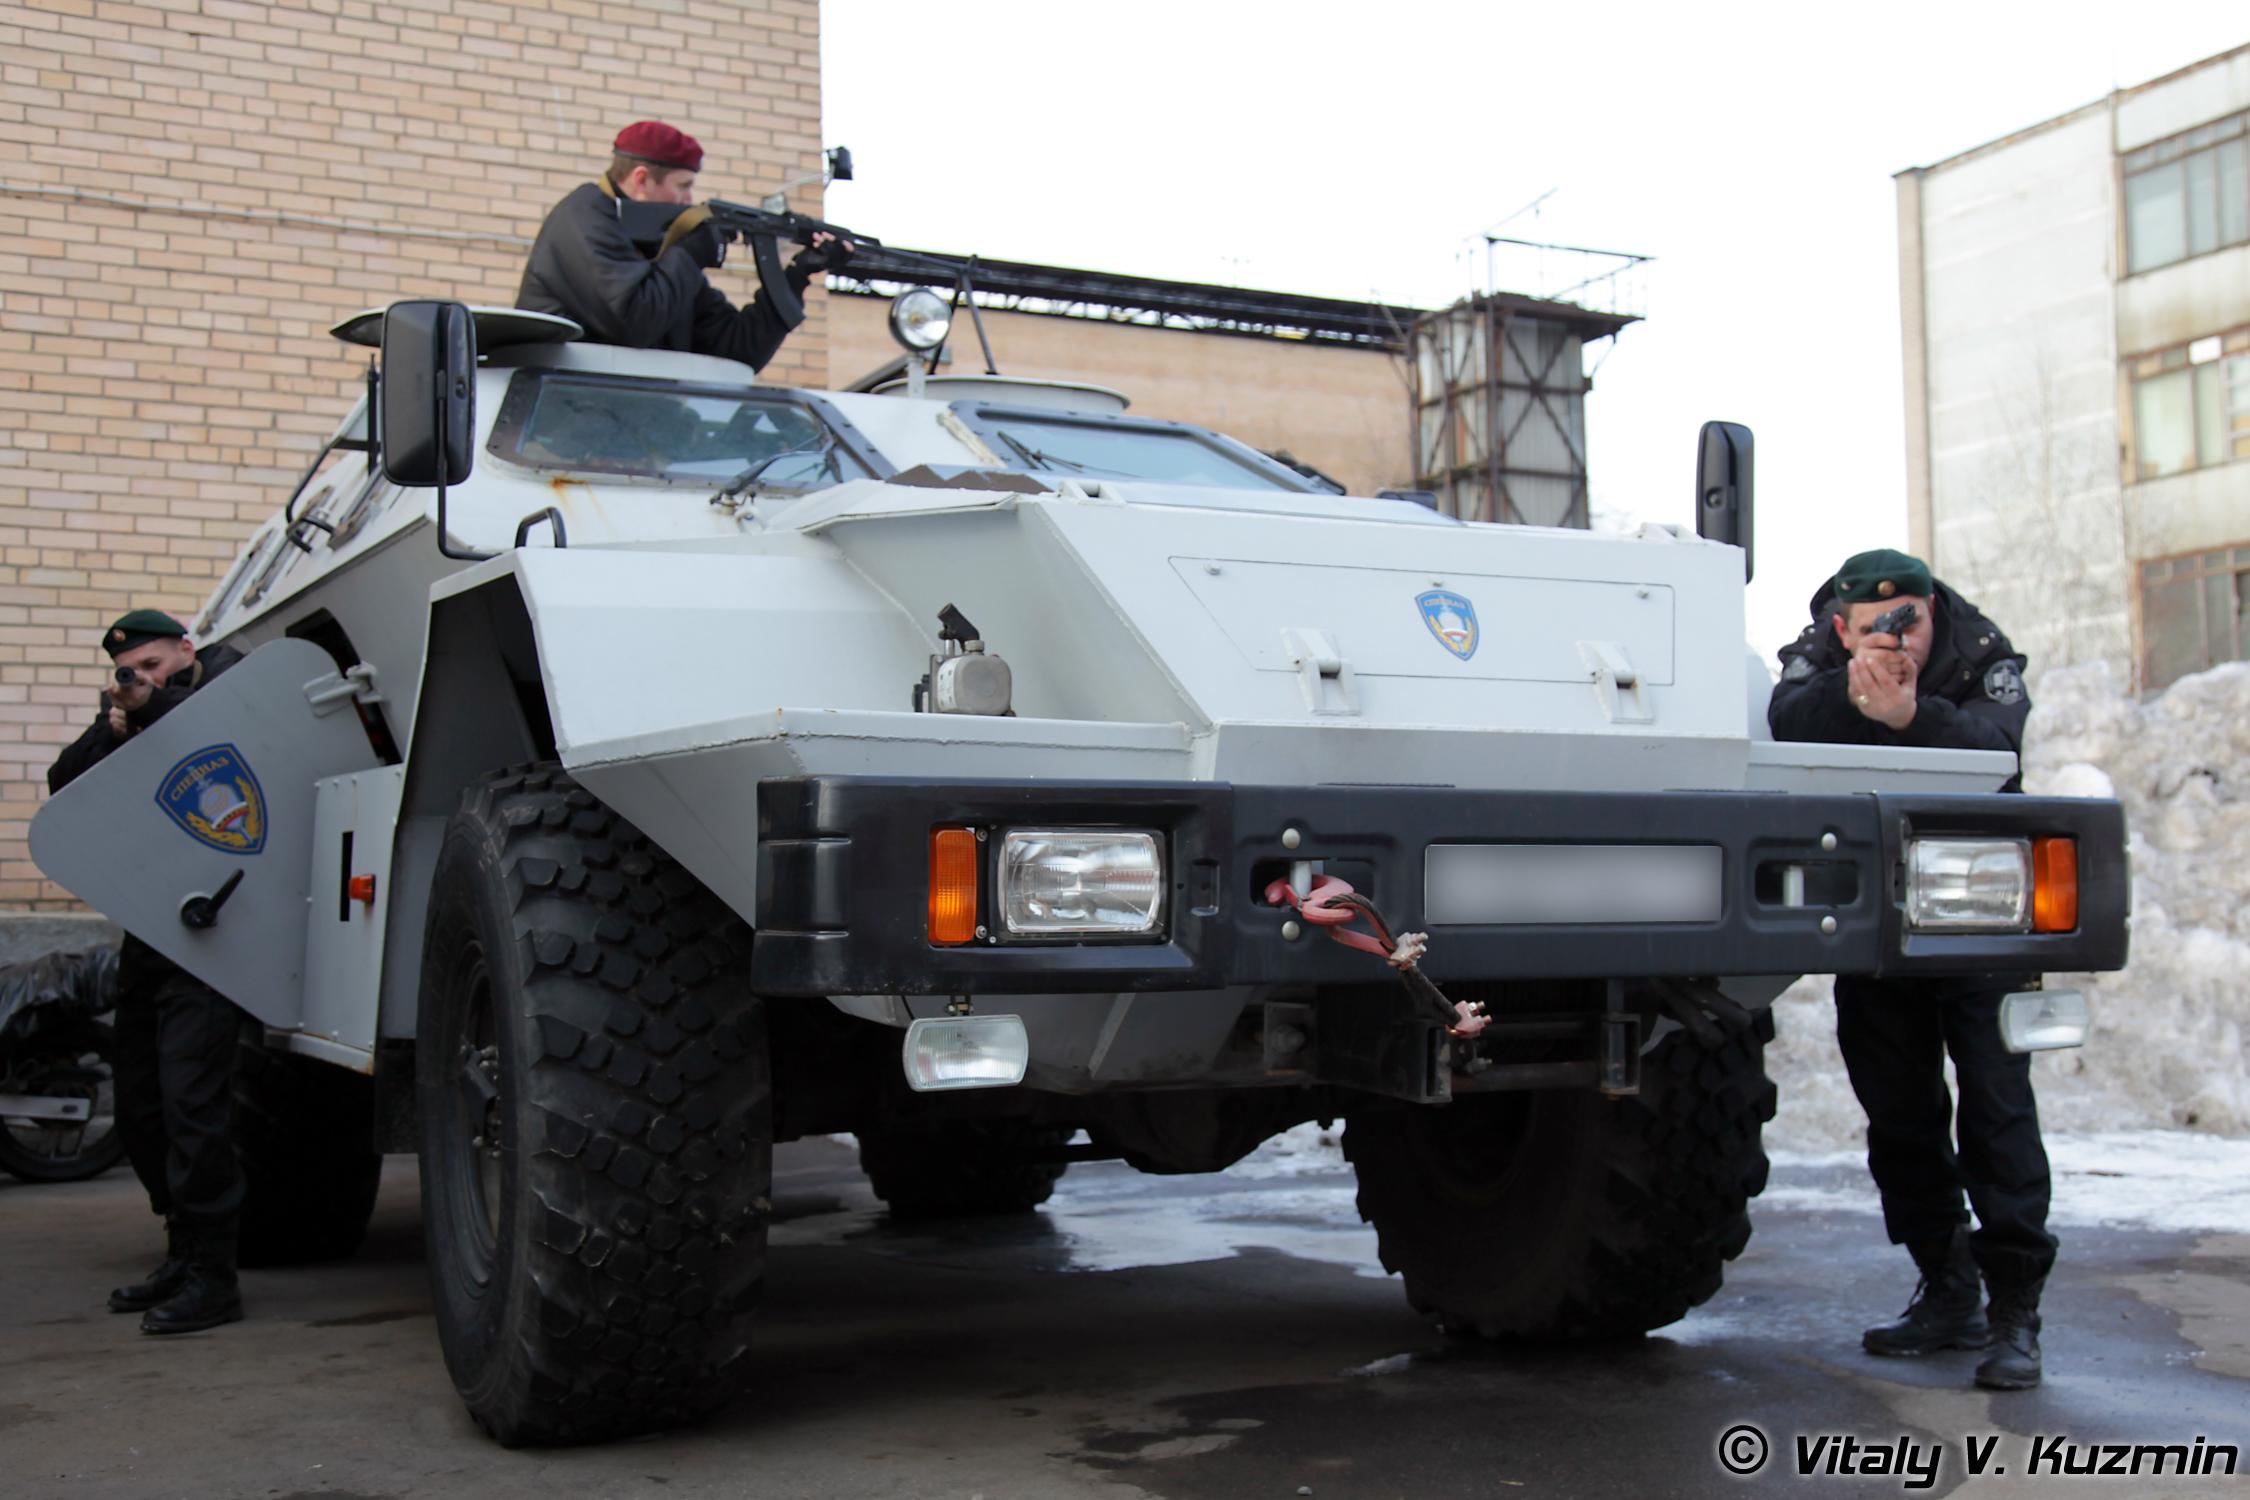 http://77rus.smugmug.com/Military/OSN-Saturn-March-14-2010/IMG8328-copy/811147474_sfaKB-O.jpg